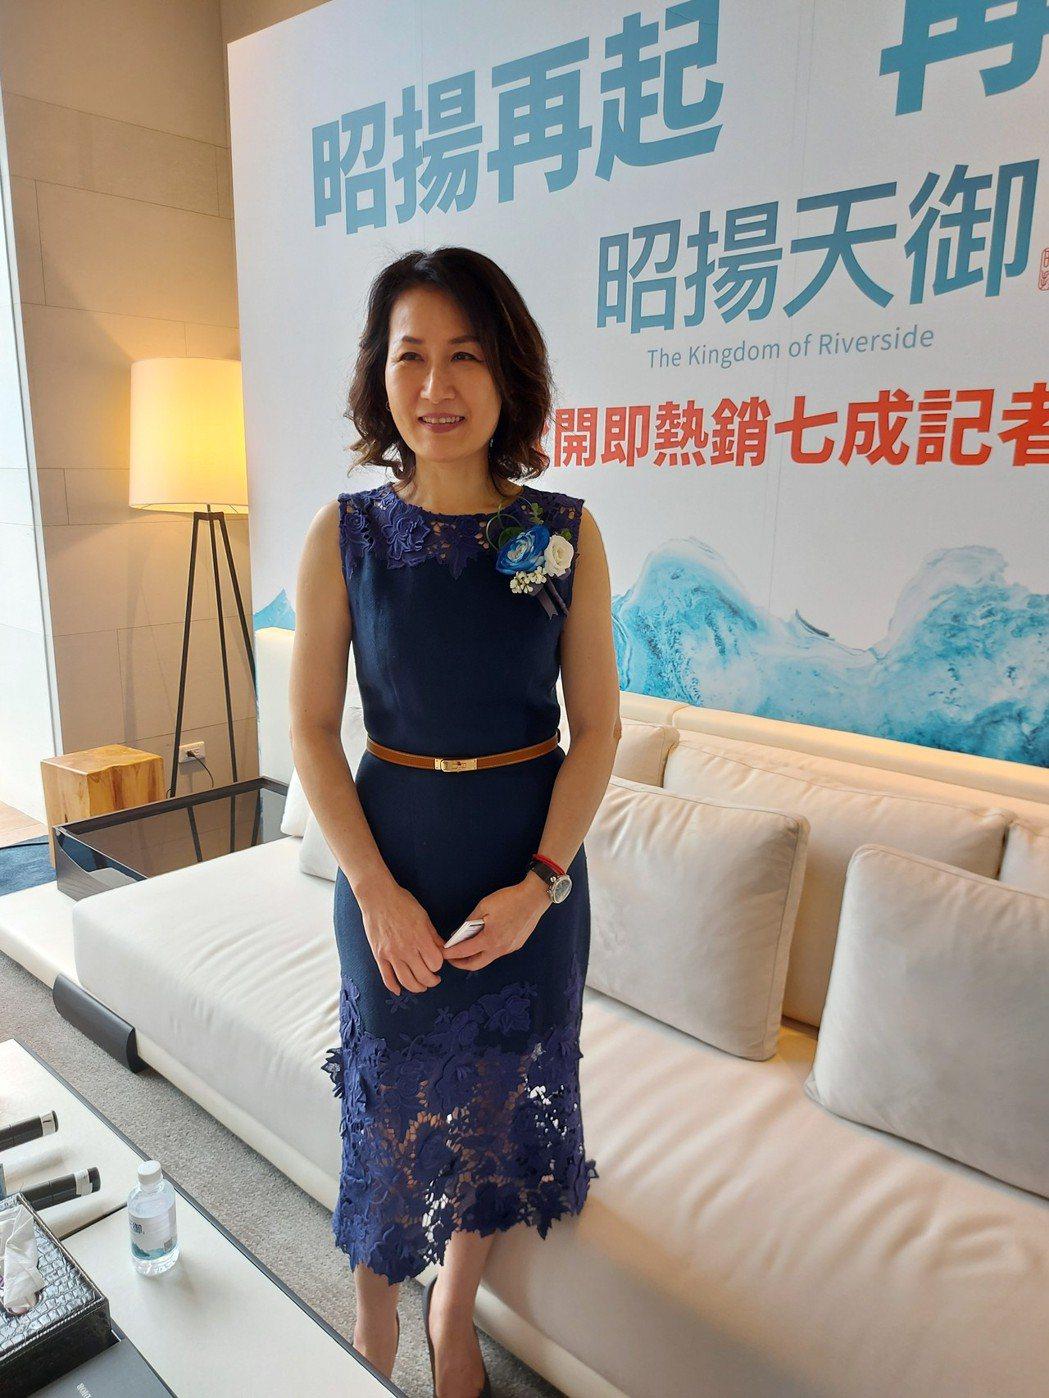 昭揚建築總監呂雅蕙表示,昭揚在桃園耕耘很久,已有品牌知名度,且有自身的品牌粉絲,...